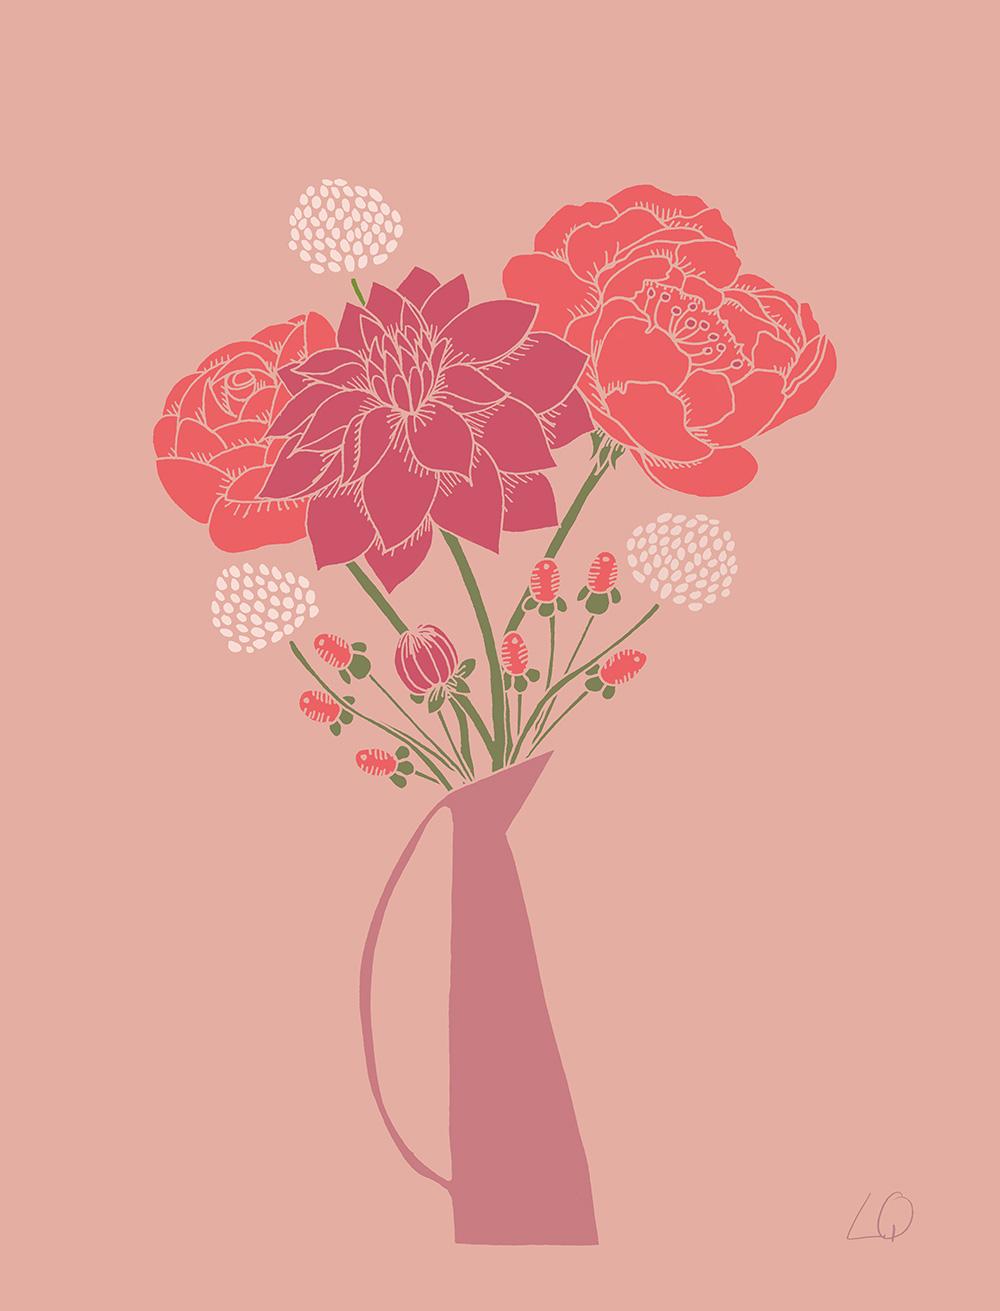 flowers-1-30-18_pink-vase.jpg